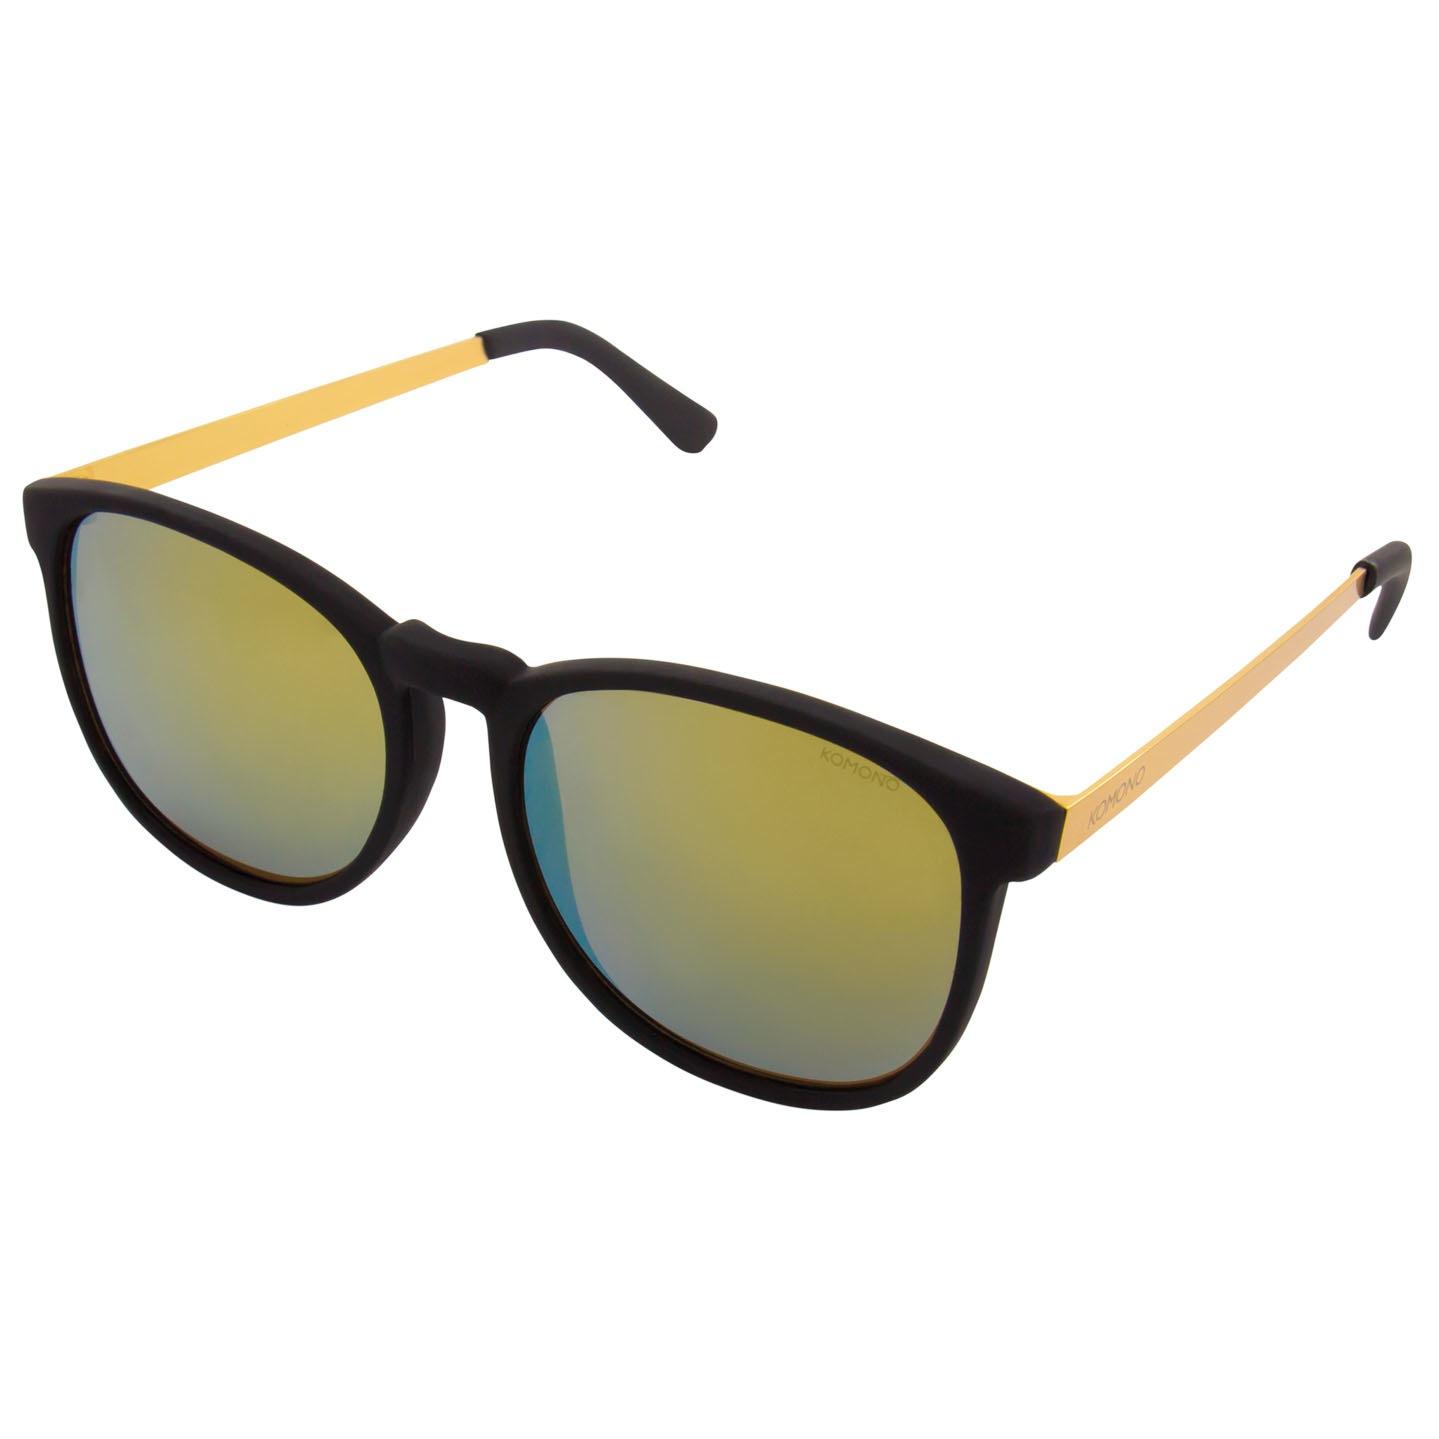 Солнцезащитные очки Komono Urkel Metal Black Gold